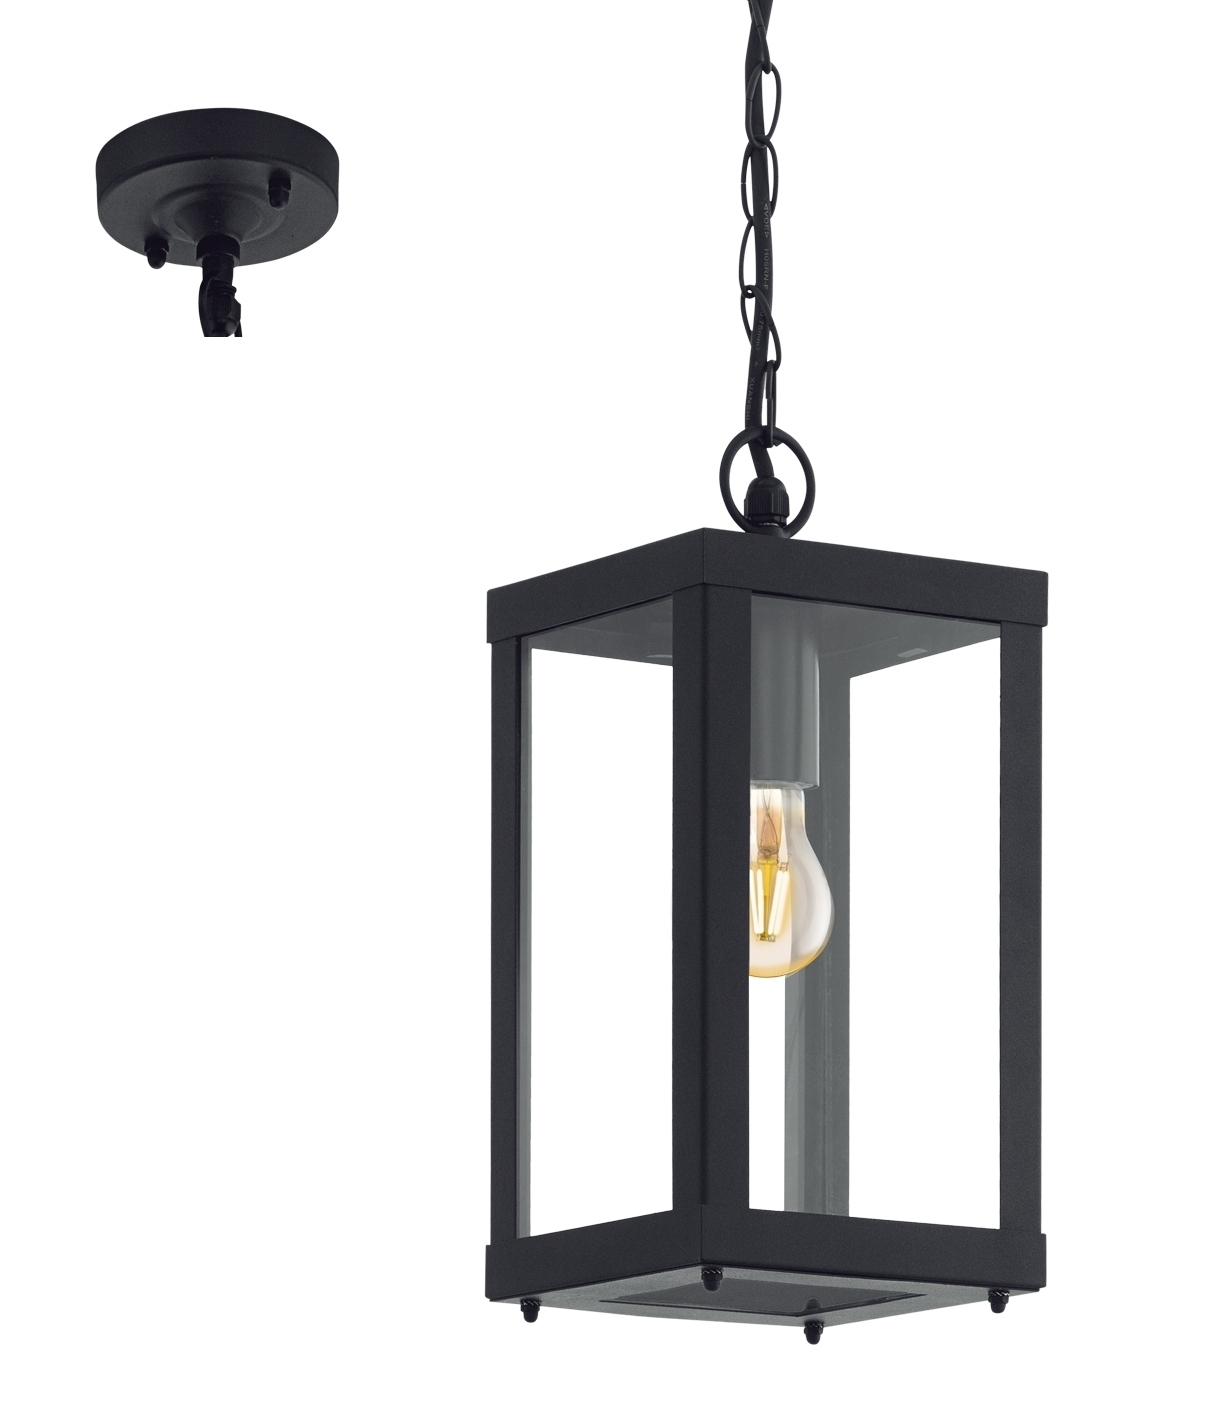 Black Square Exterior Hanging Porch Lantern Exterior Pendant Lights Outdoor Pendant Lighting Porch Lanterns